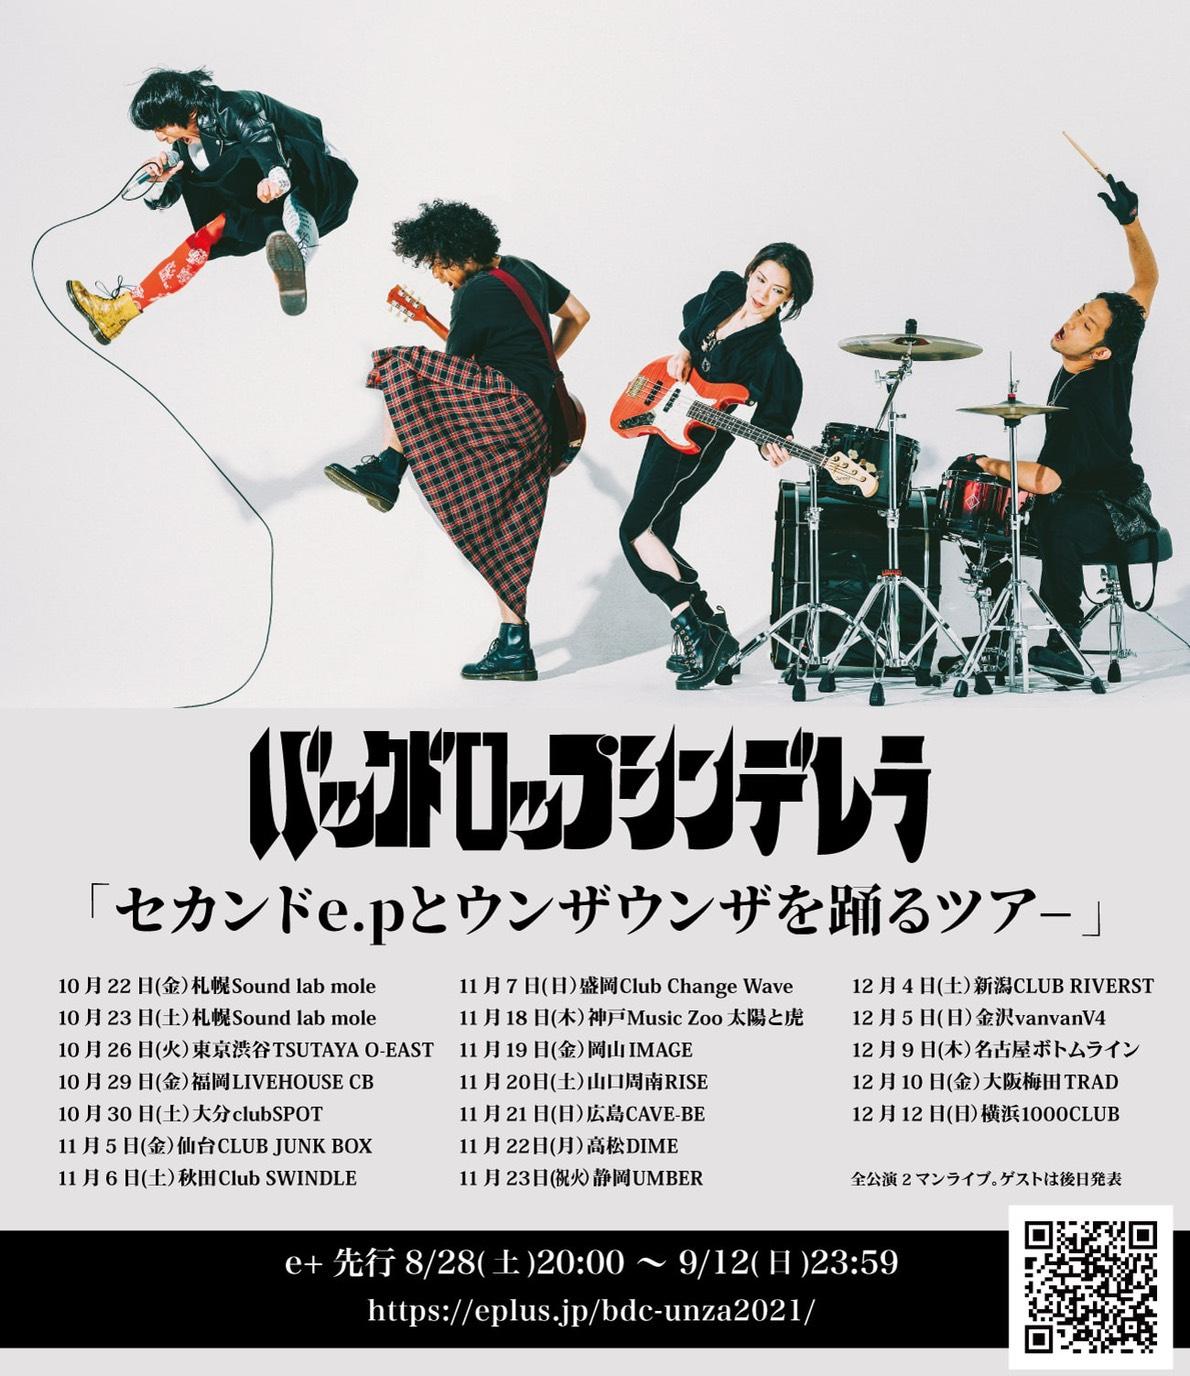 バックドロップシンデレラ2manツアー「セカンドe.pとウンザウンザを踊るツアー」